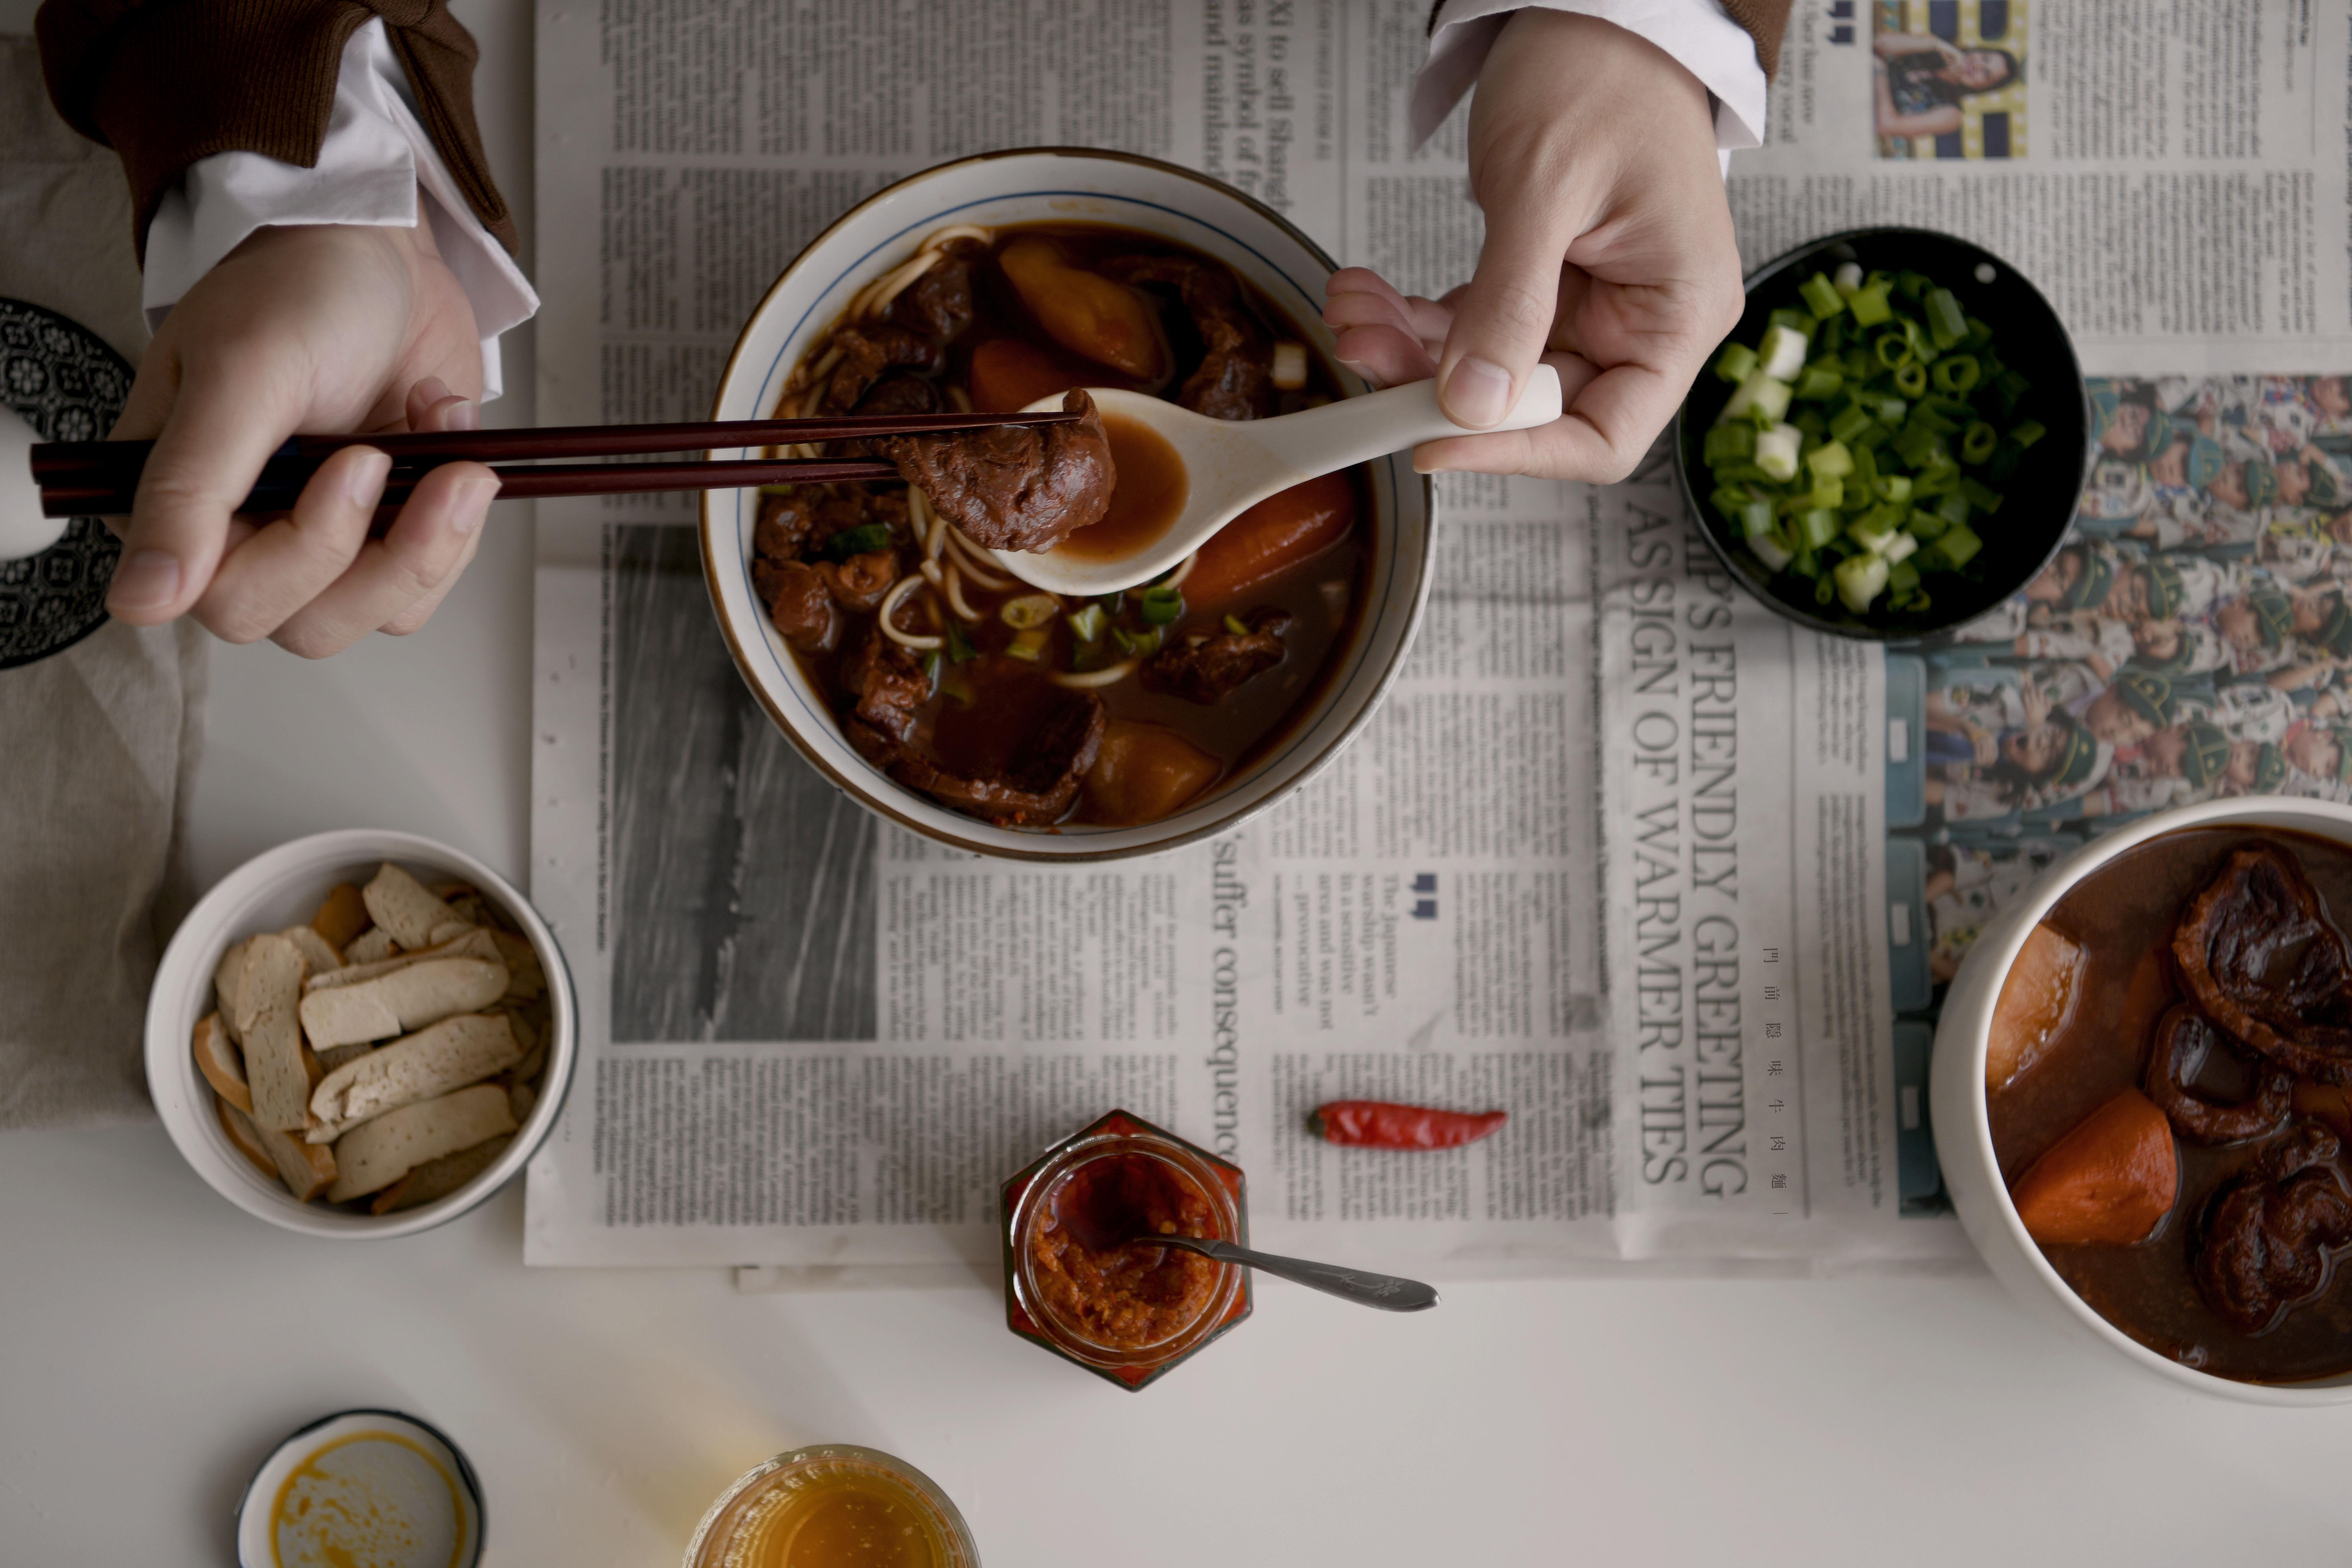 治癒人心的燉煮牛肉,原來幸福可以宅配到家|門前隱味牛肉麵 @MENS 30S LIFE